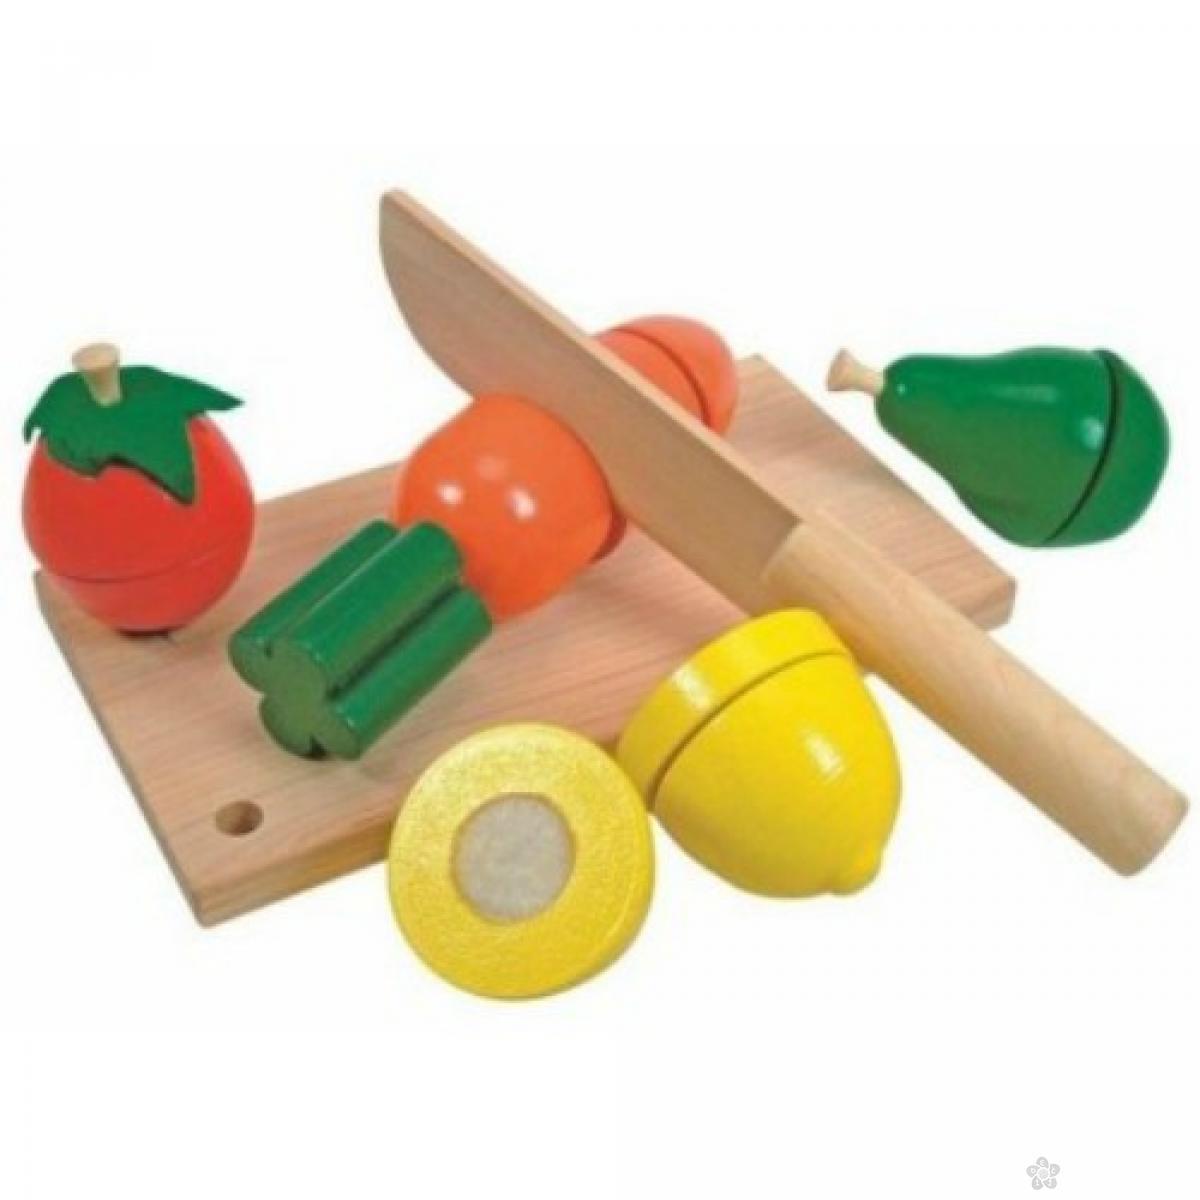 Daska za seckanje - voće i povrće, 90081